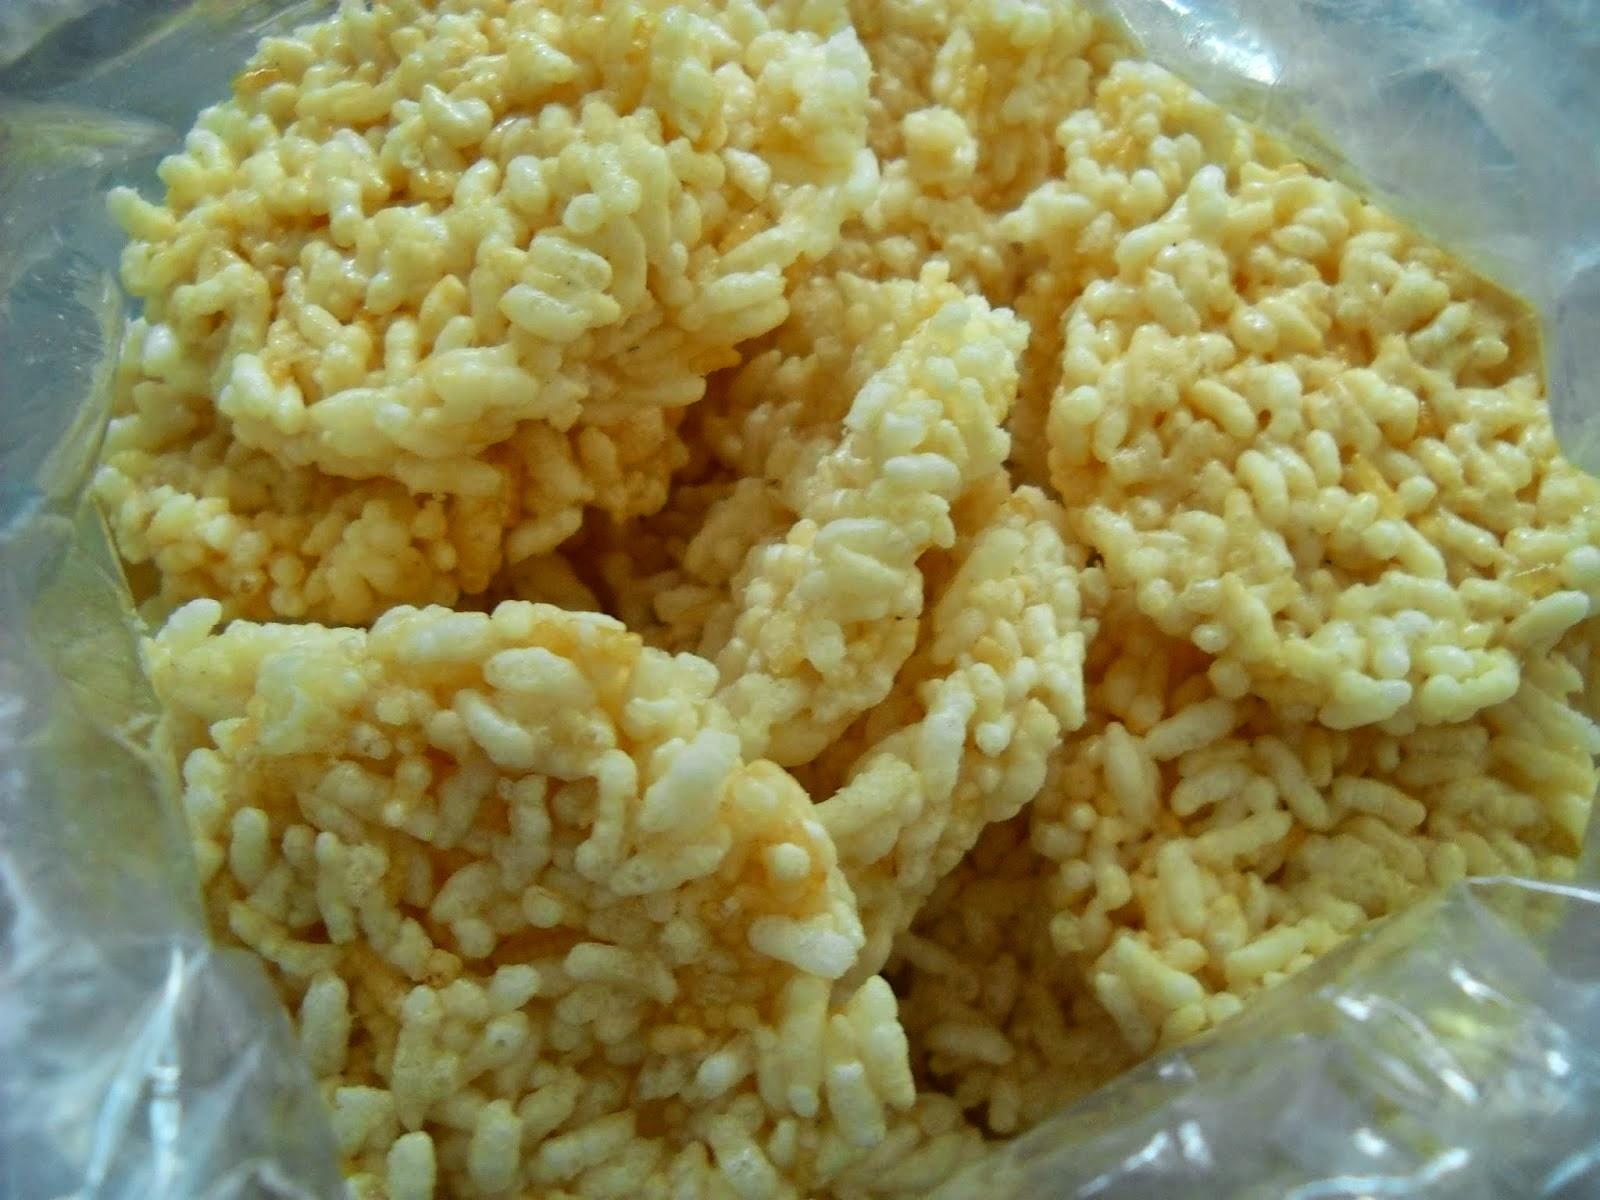 http://menjual-kerupuk.blogspot.com/2014/11/cara-membuat-rengginang.html